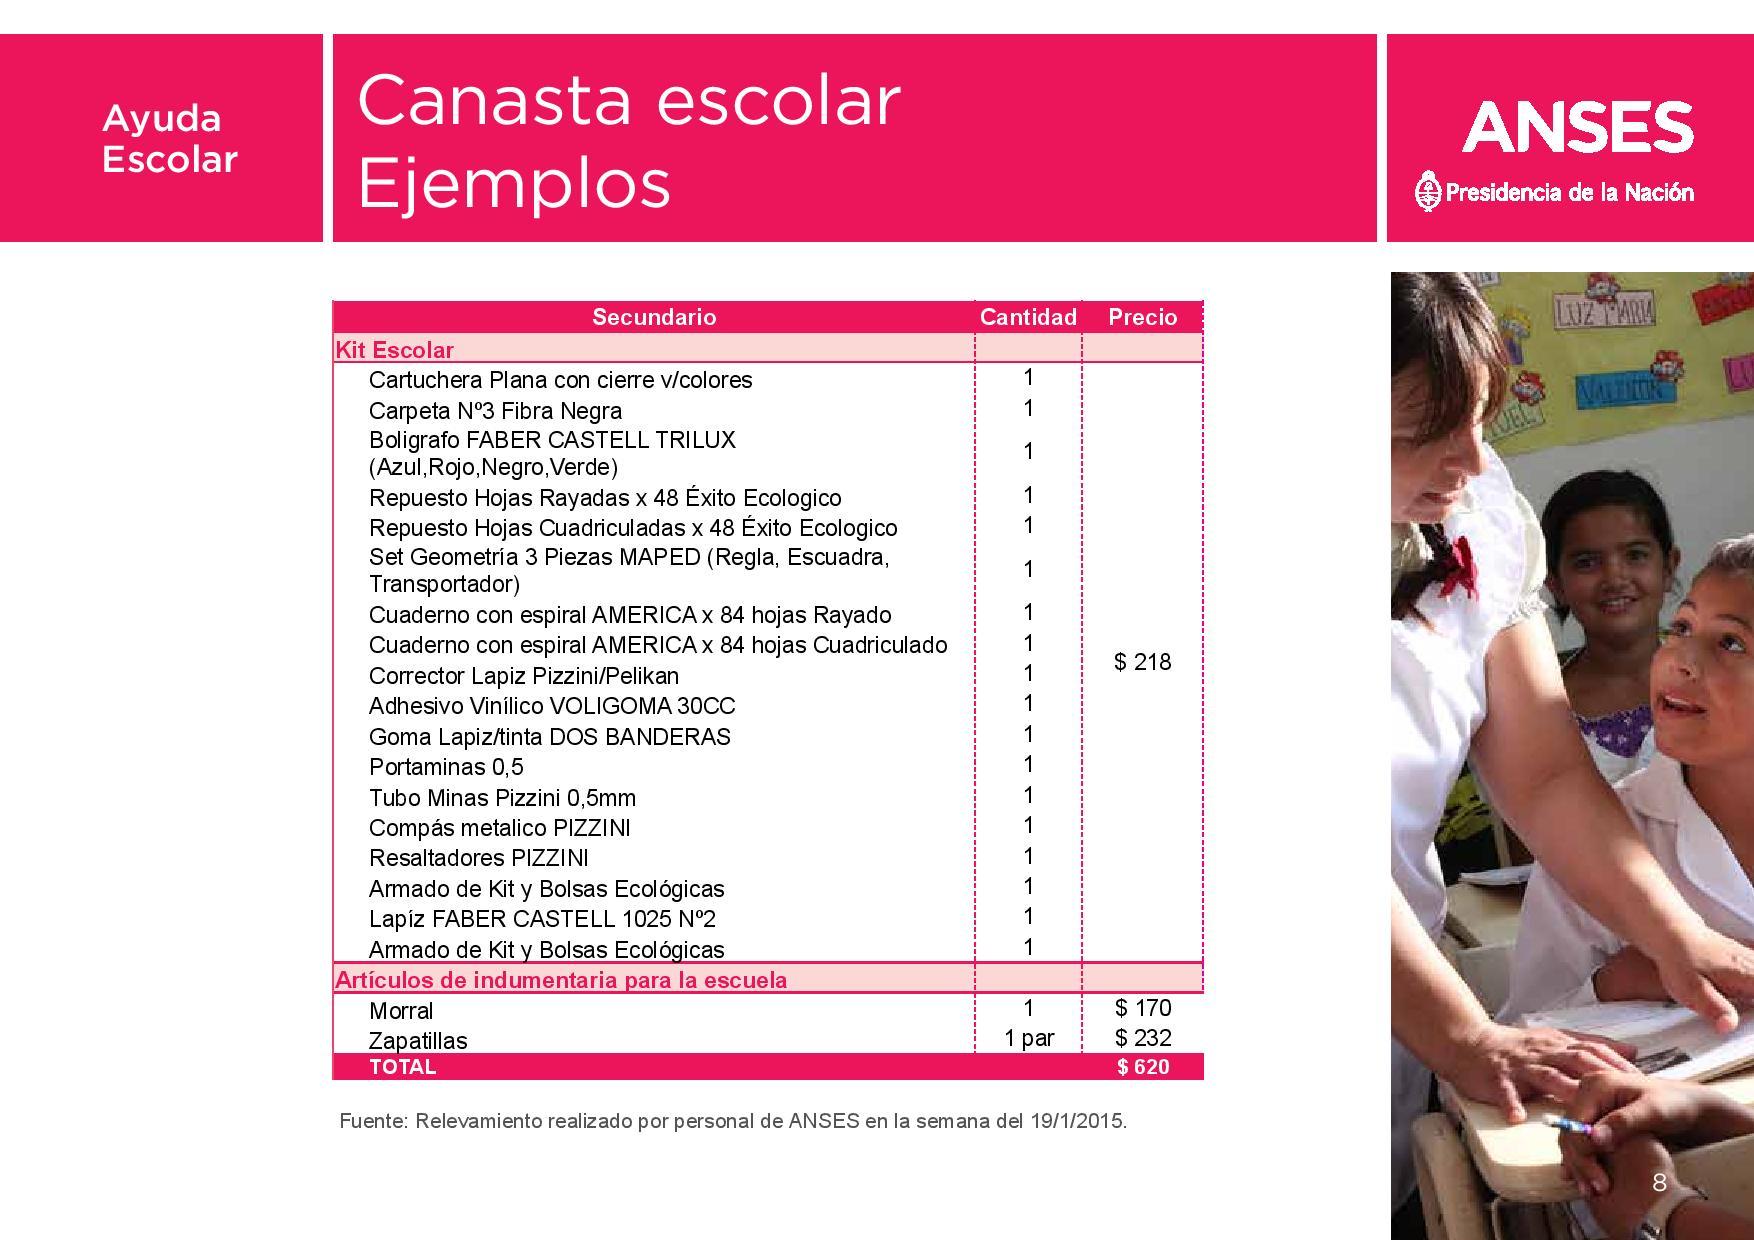 Ayuda Escolar-Ene2015-ultima-page-009